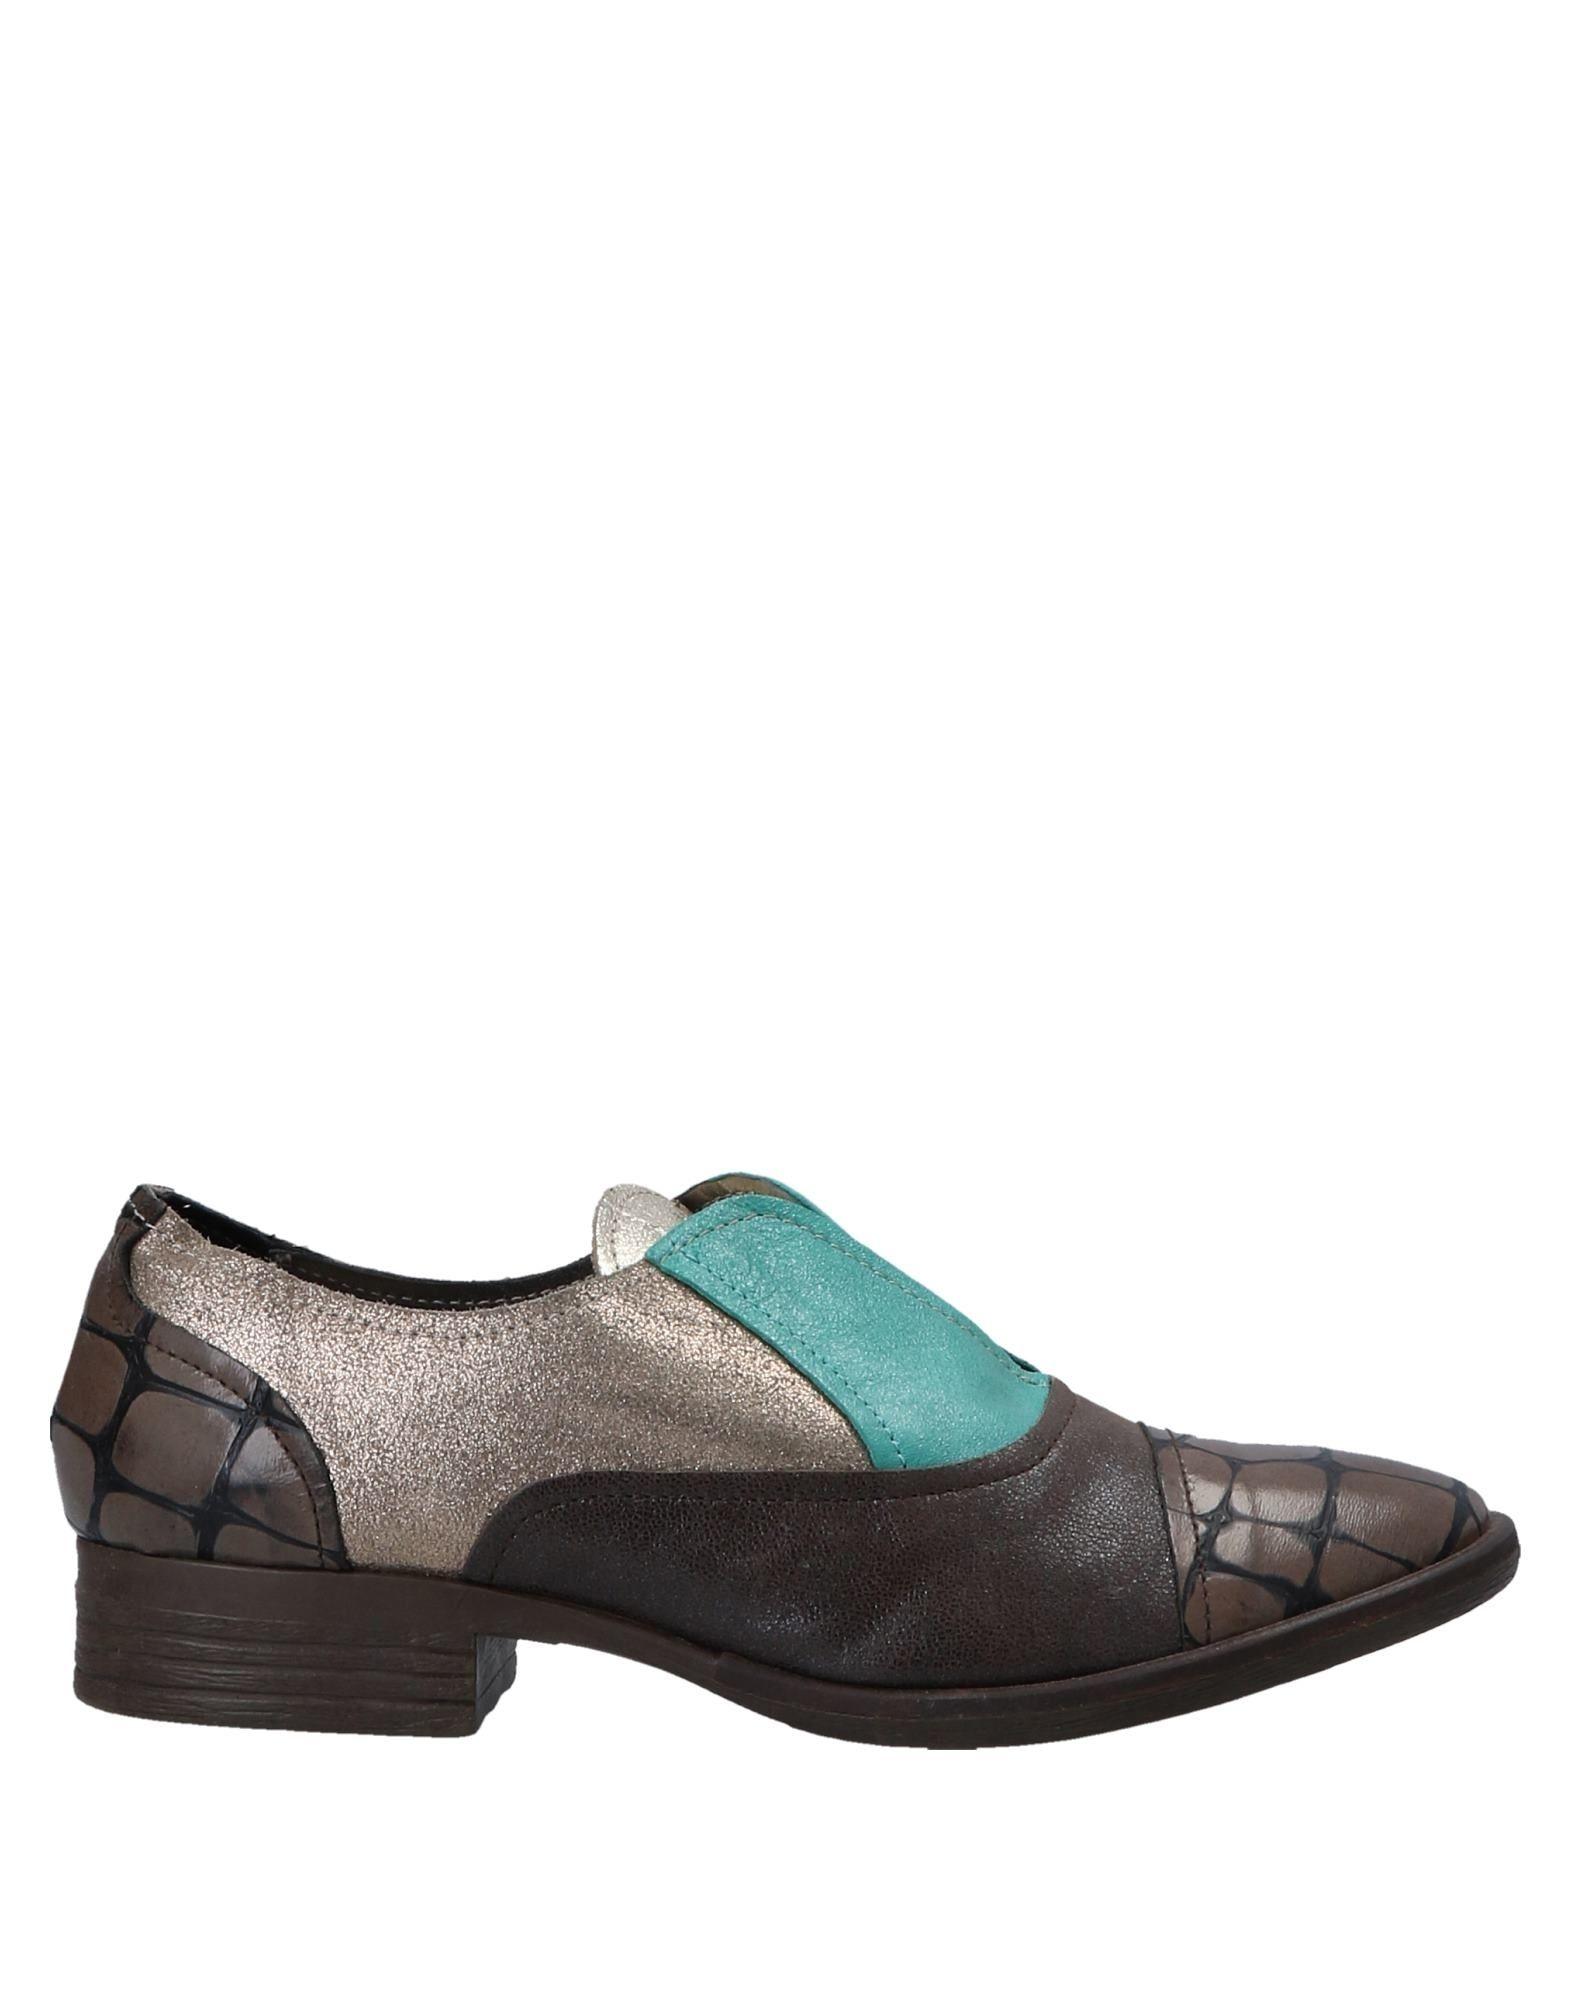 Ebarrito Mokassins Damen  11555140FH Gute Qualität beliebte Schuhe